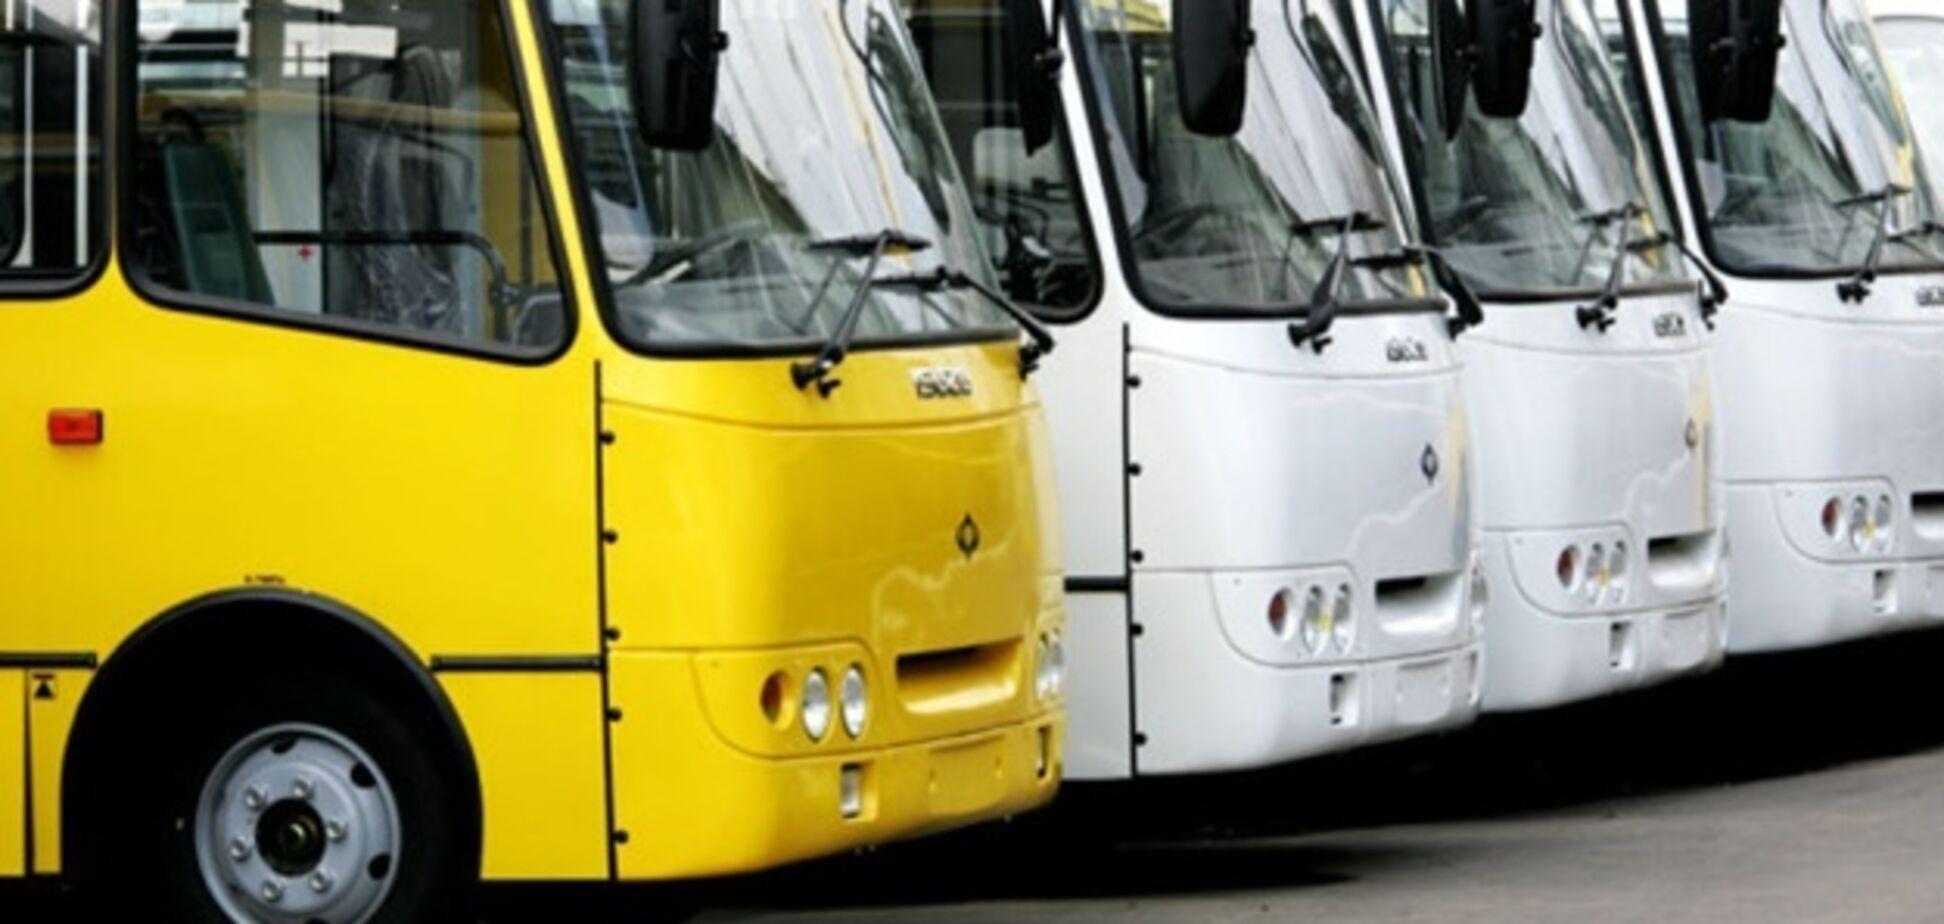 В Киеве пассажир умер после падения из маршрутки: жуткие подробности